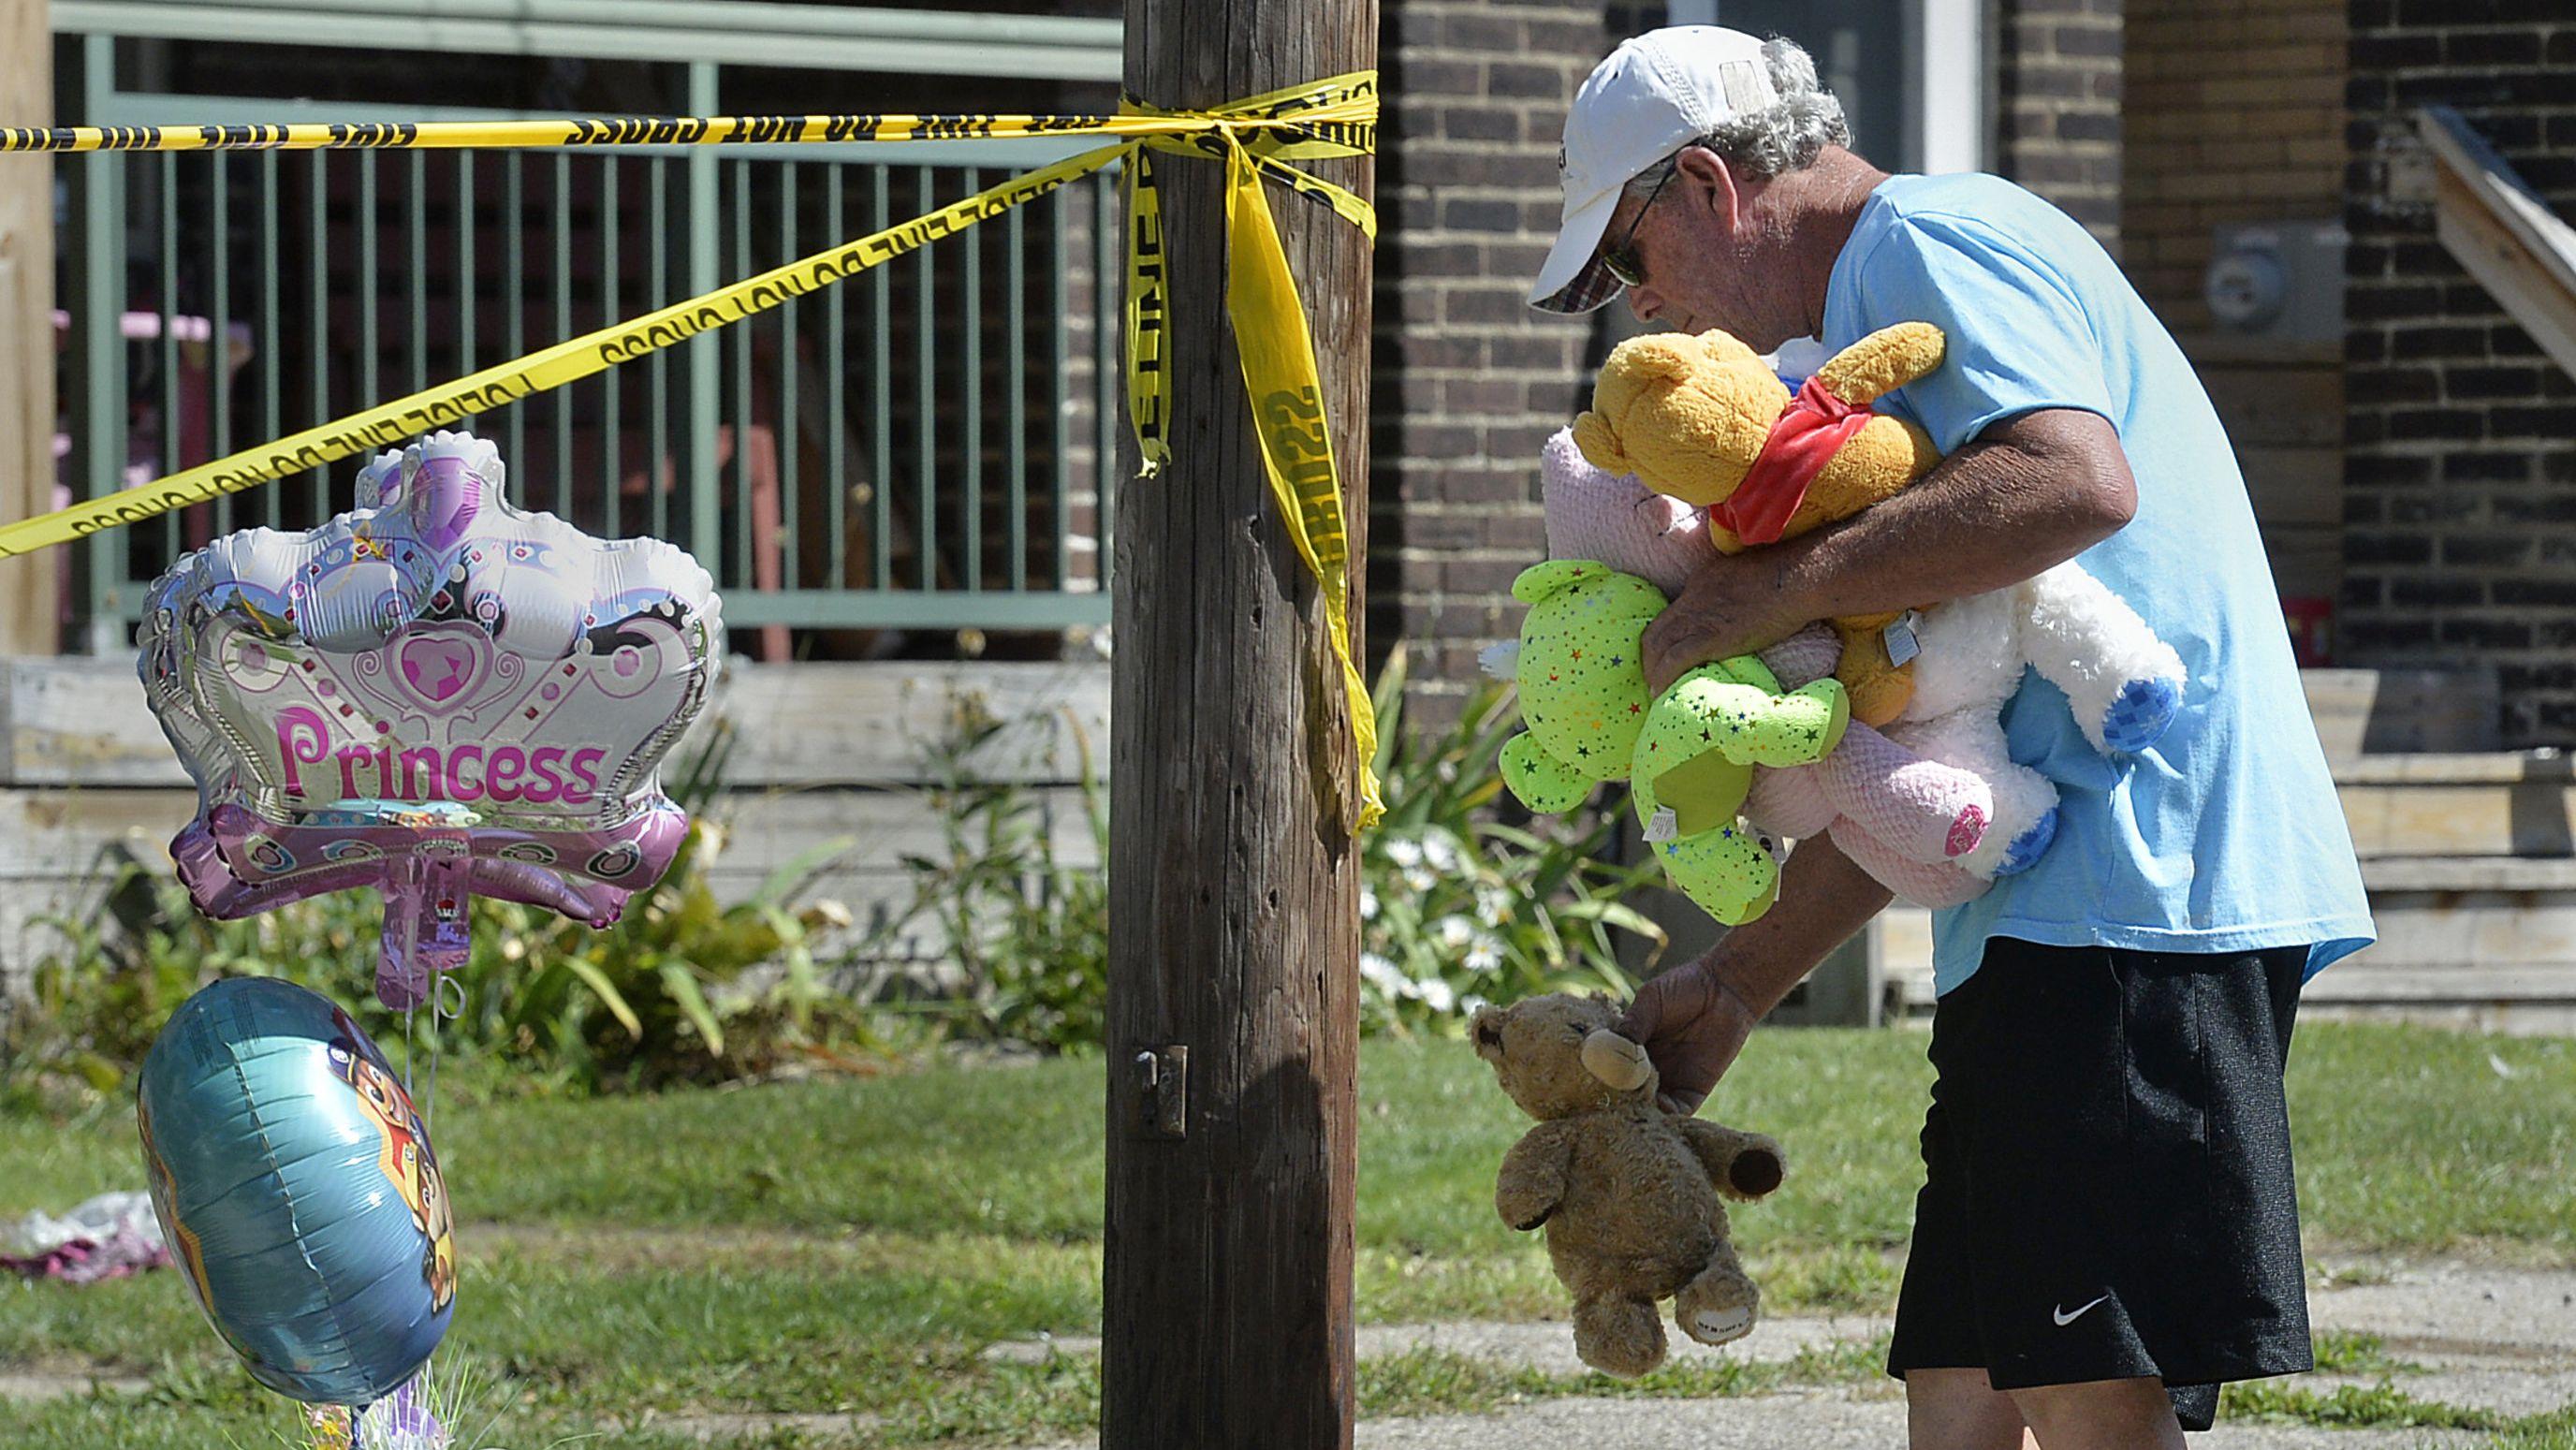 11.08.2019, USA, Erie: Fünf Kinder starben bei Brand in einer Kinderbetreuungsstätte. / Niederlegung von Kuscheltieren.